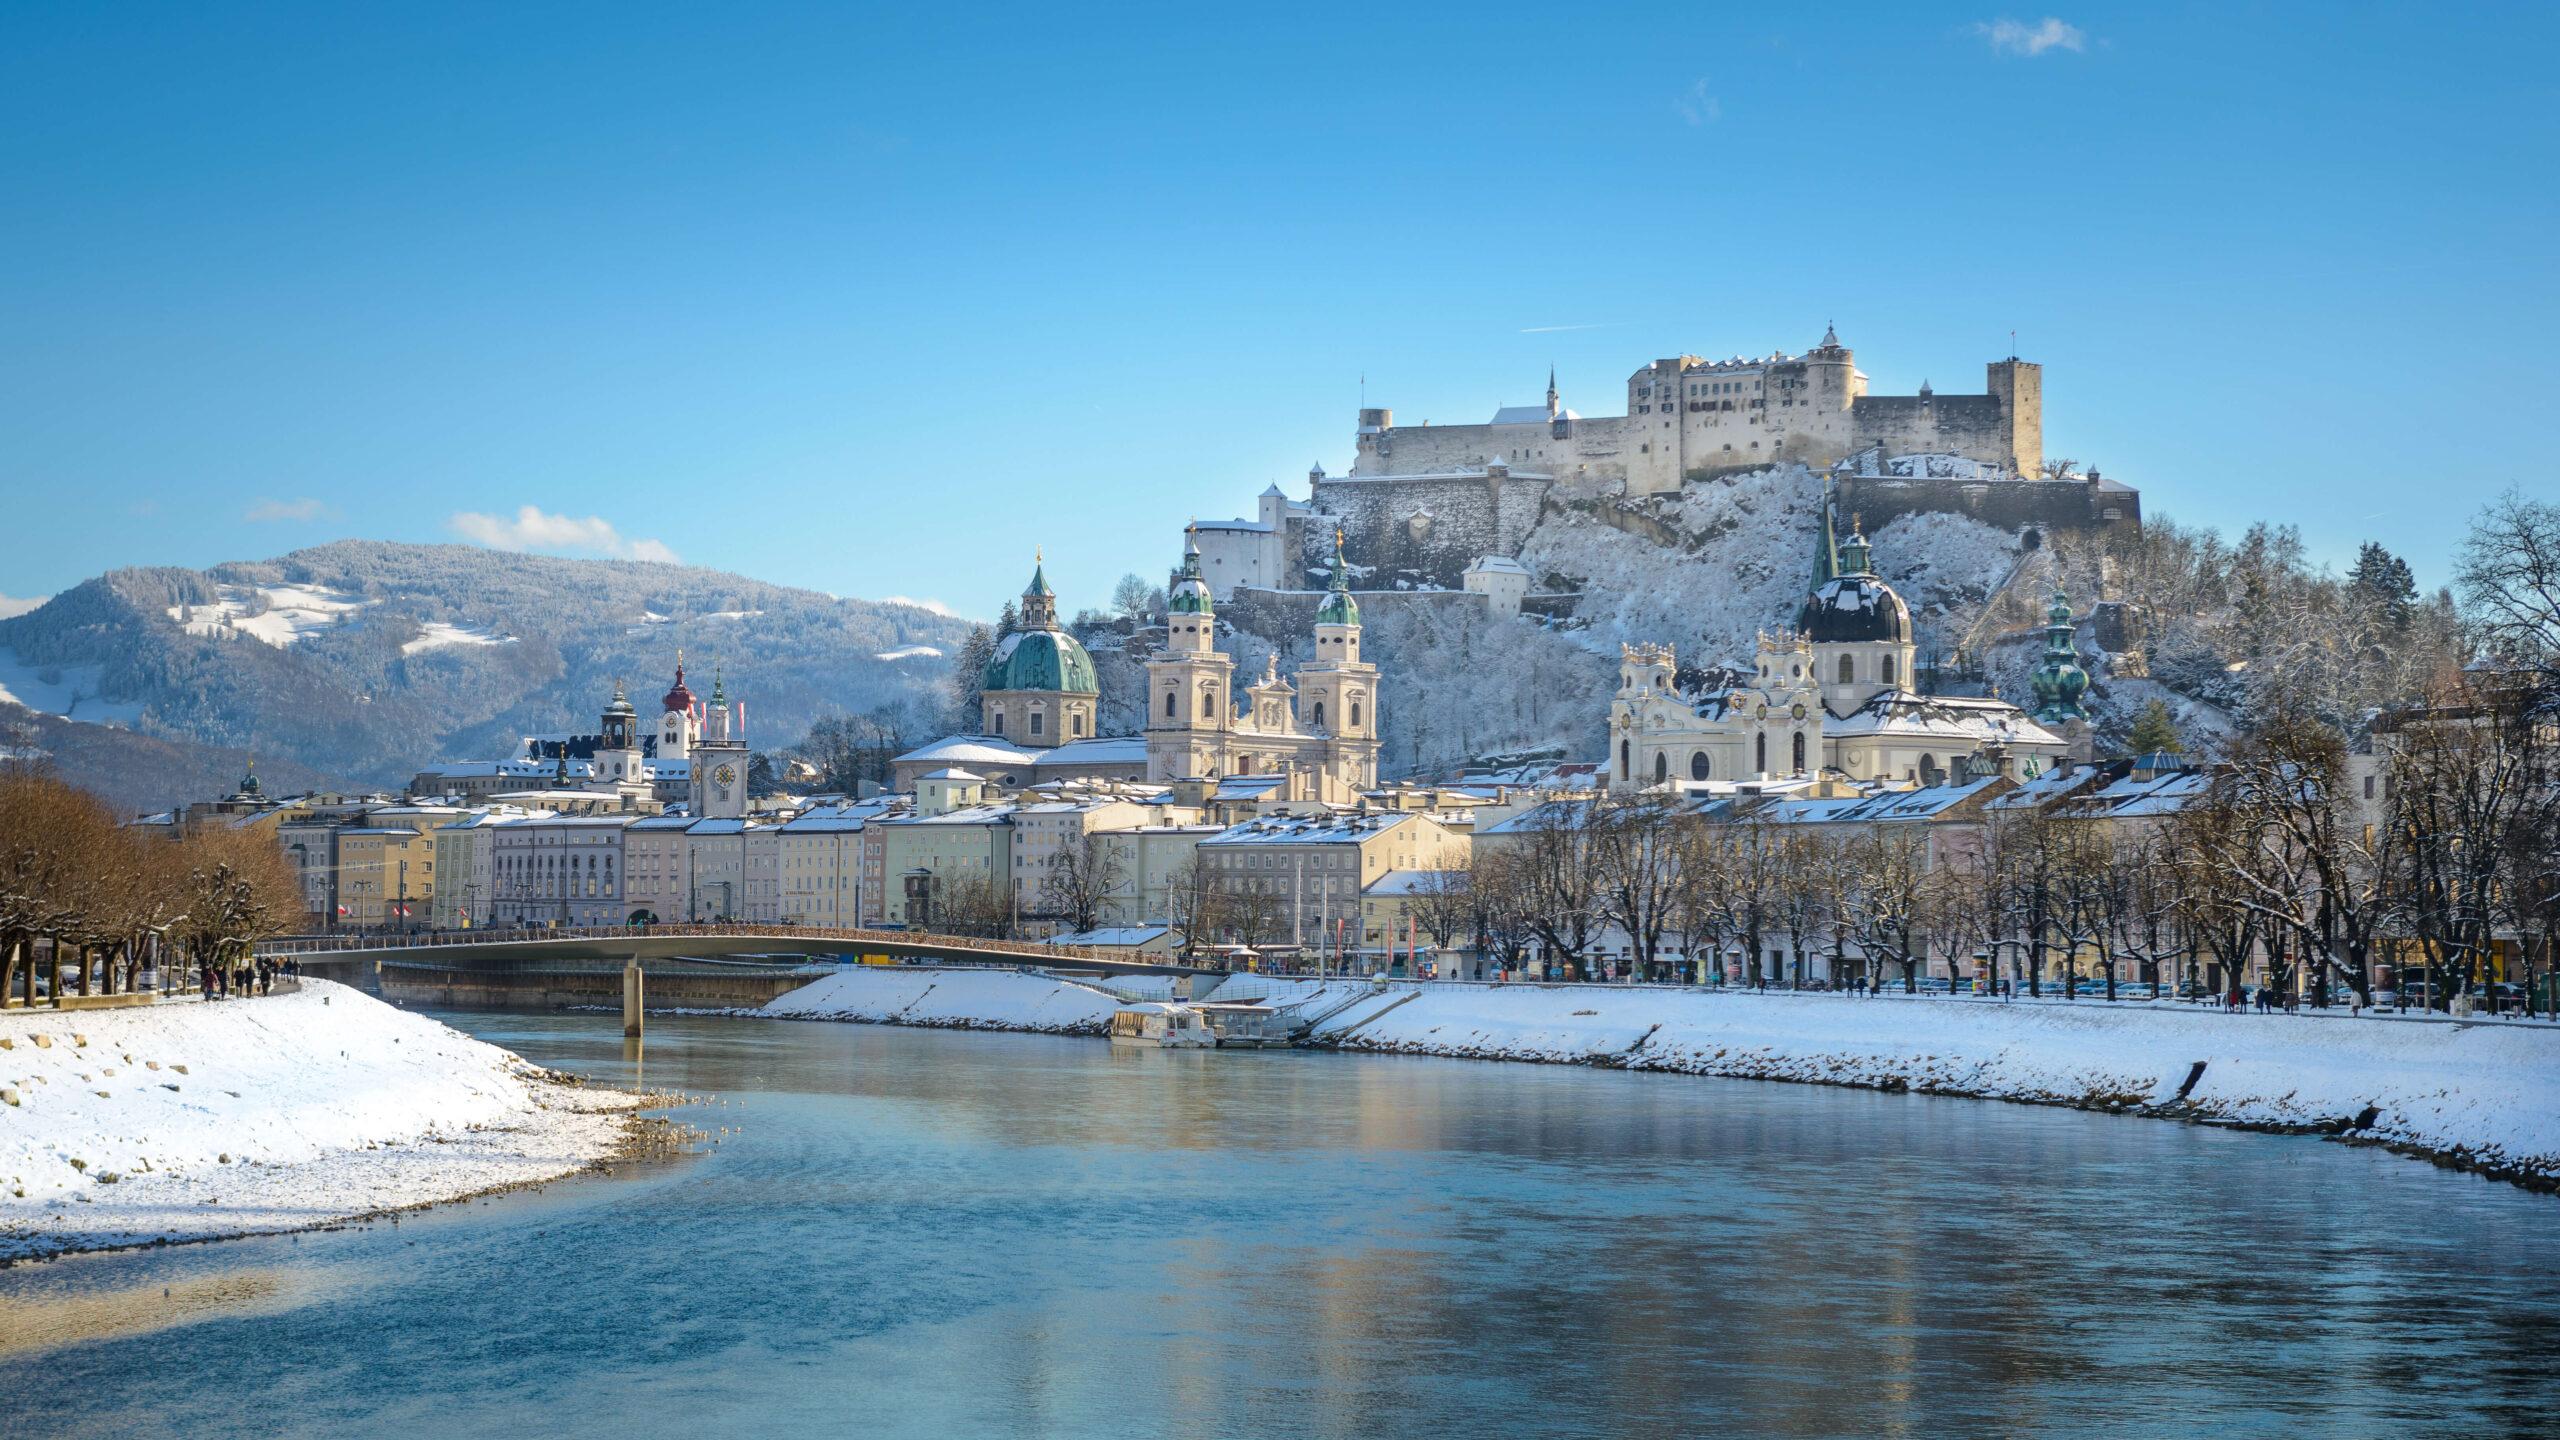 Blick auf die Festung Hohen Salzburg im Winter